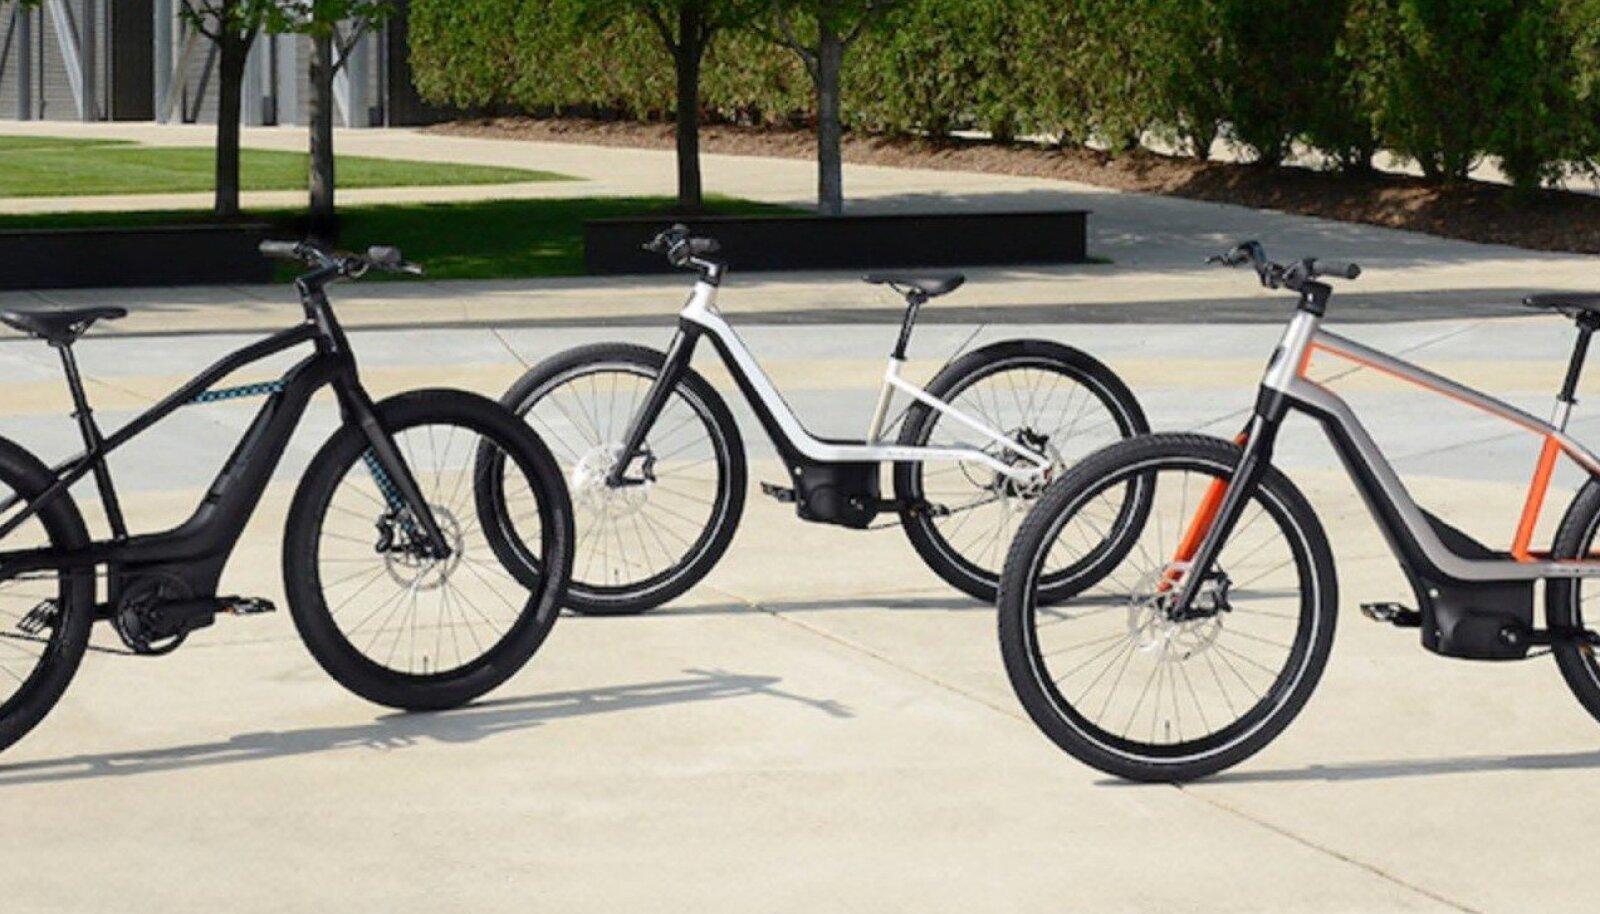 Prototüüp või kontseptsioon? Harley-Davidson hoiab pinget!